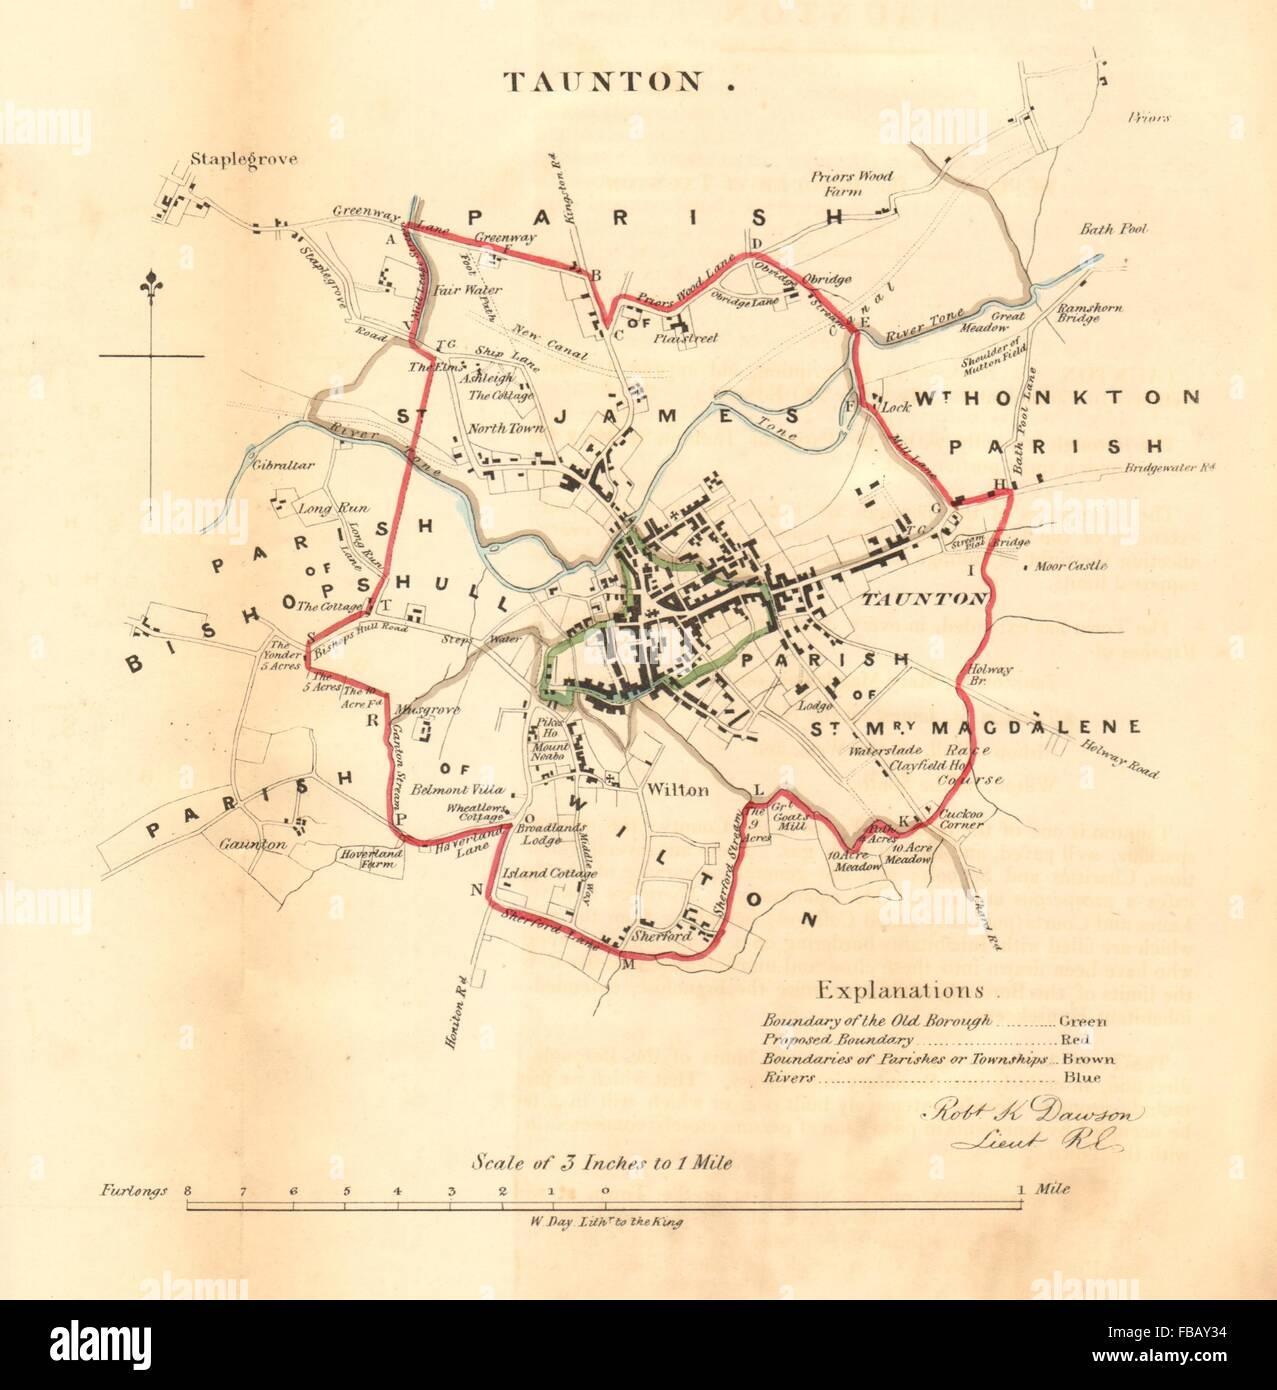 TAUNTON borough/town plan  REFORM ACT  Staplegrove  Somerset